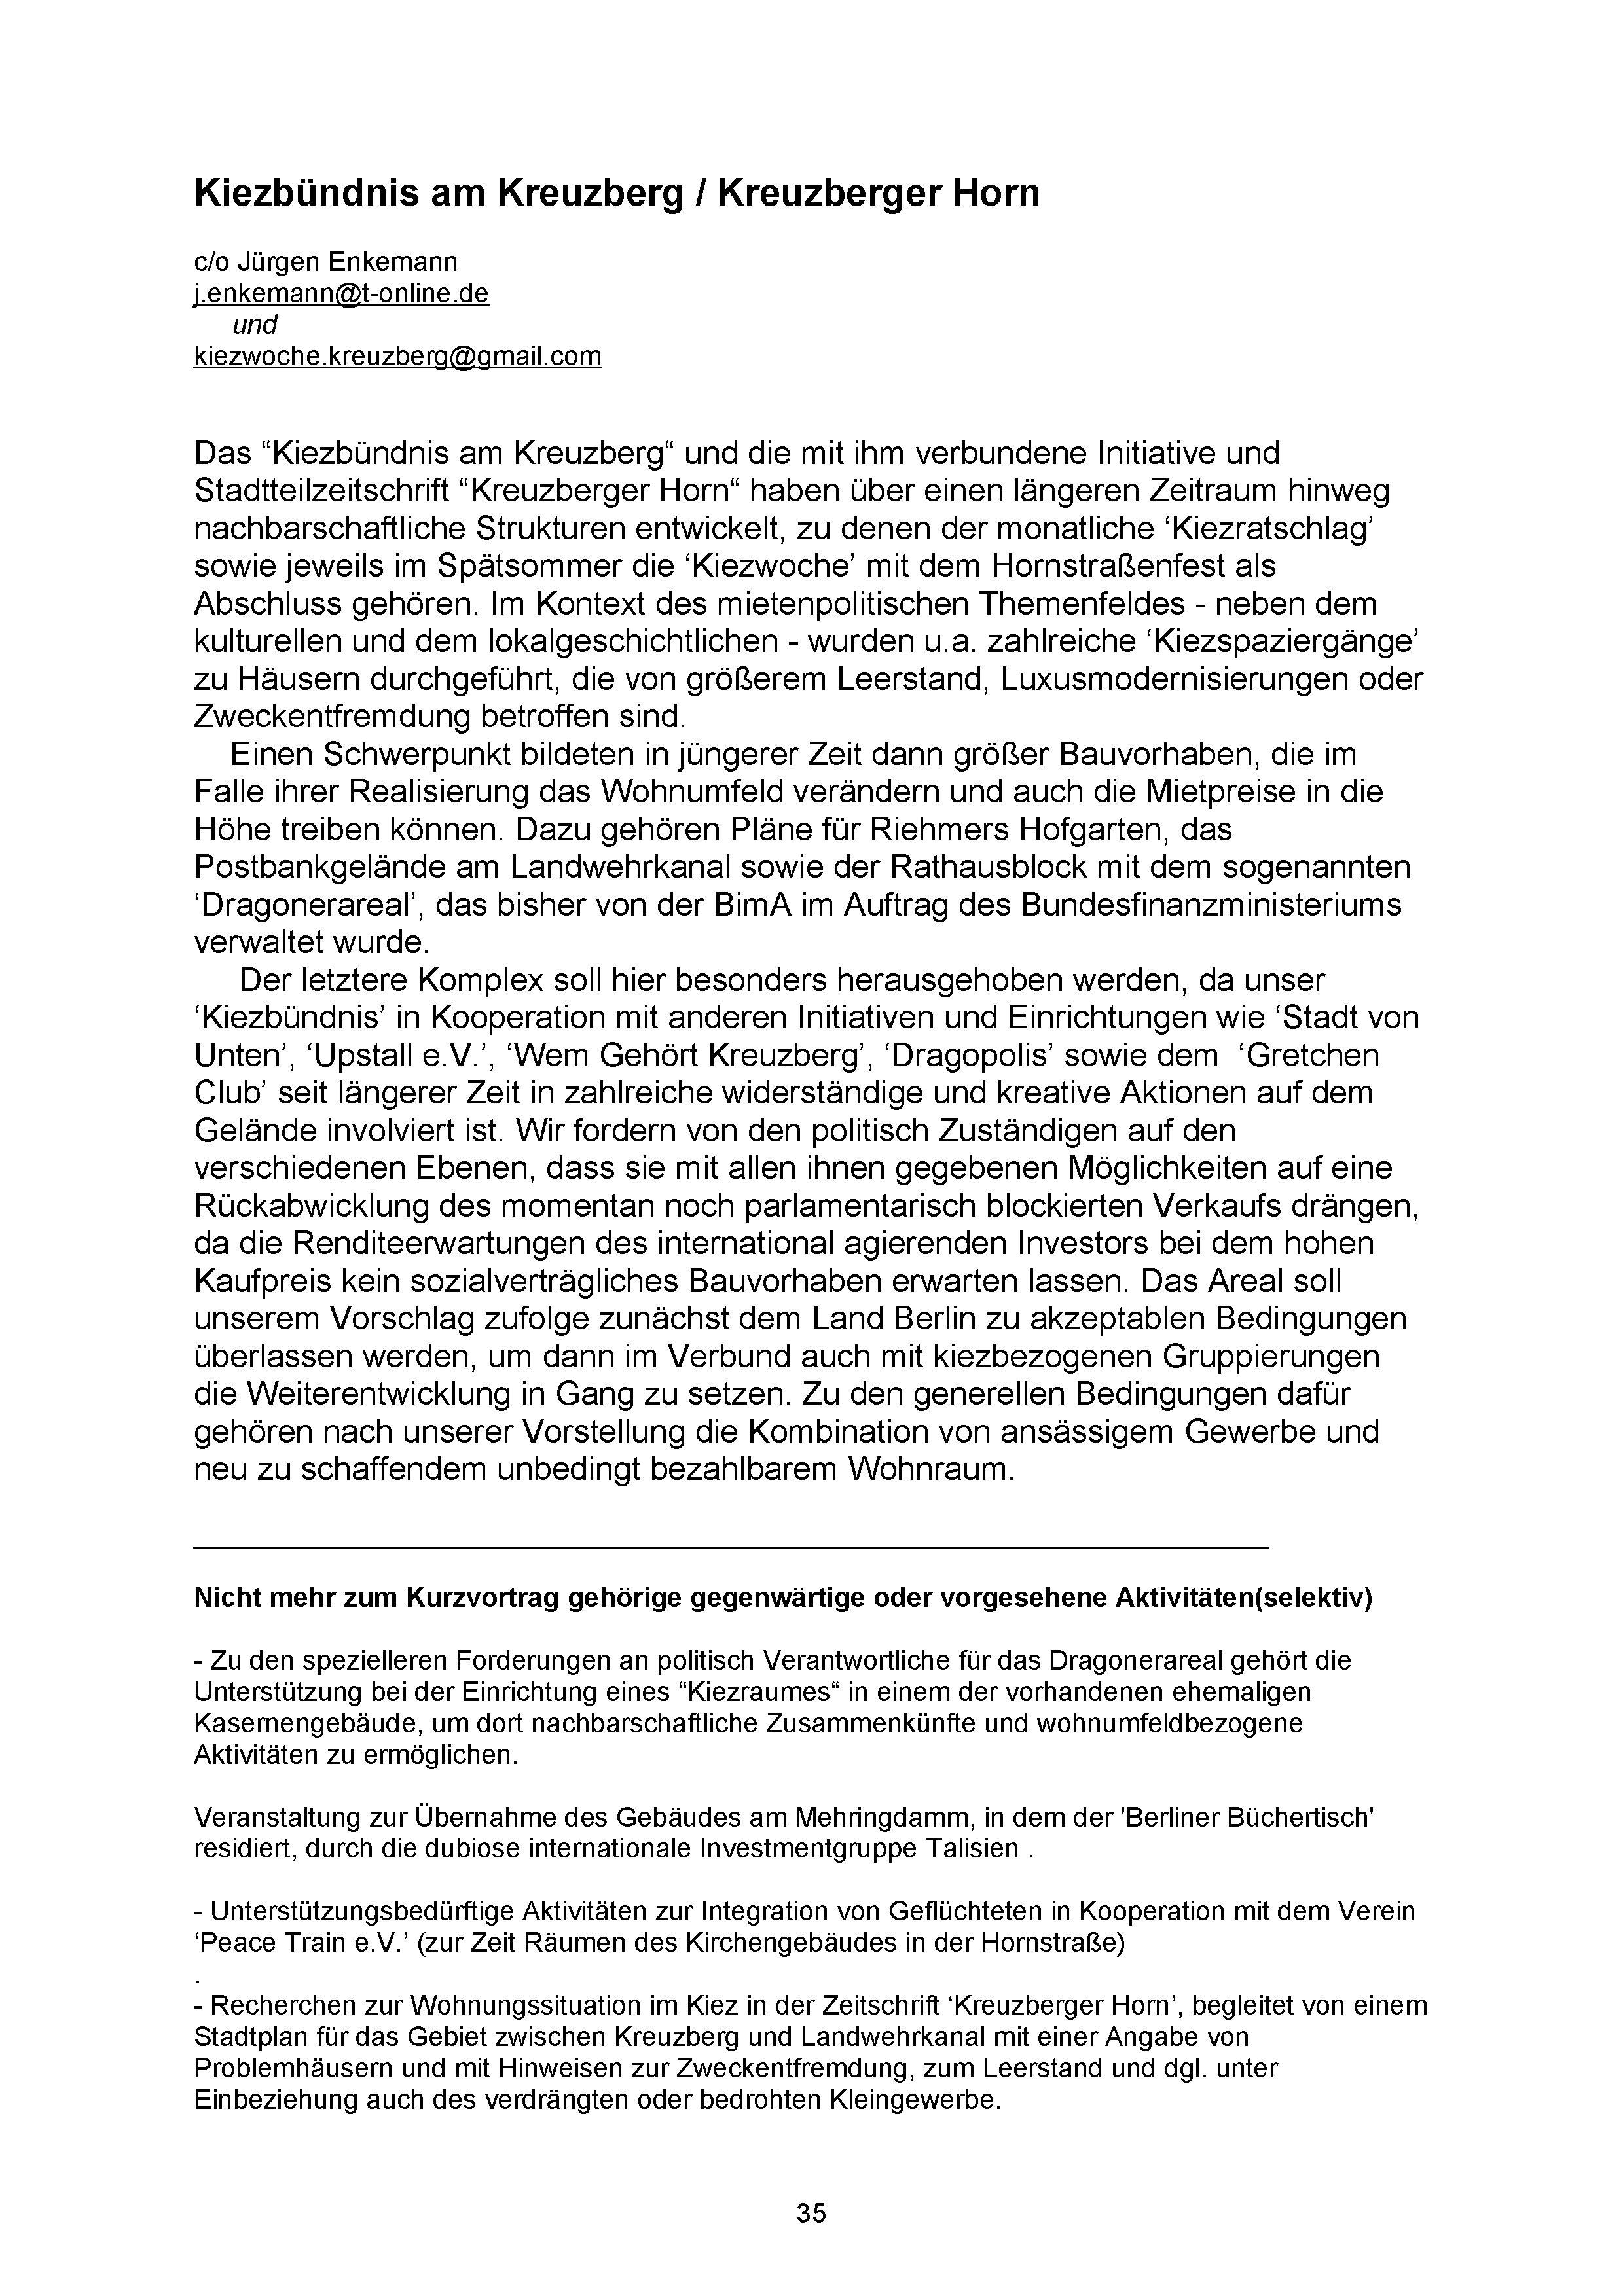 stadtpolitisches_hearing_021116_pressemappe_36